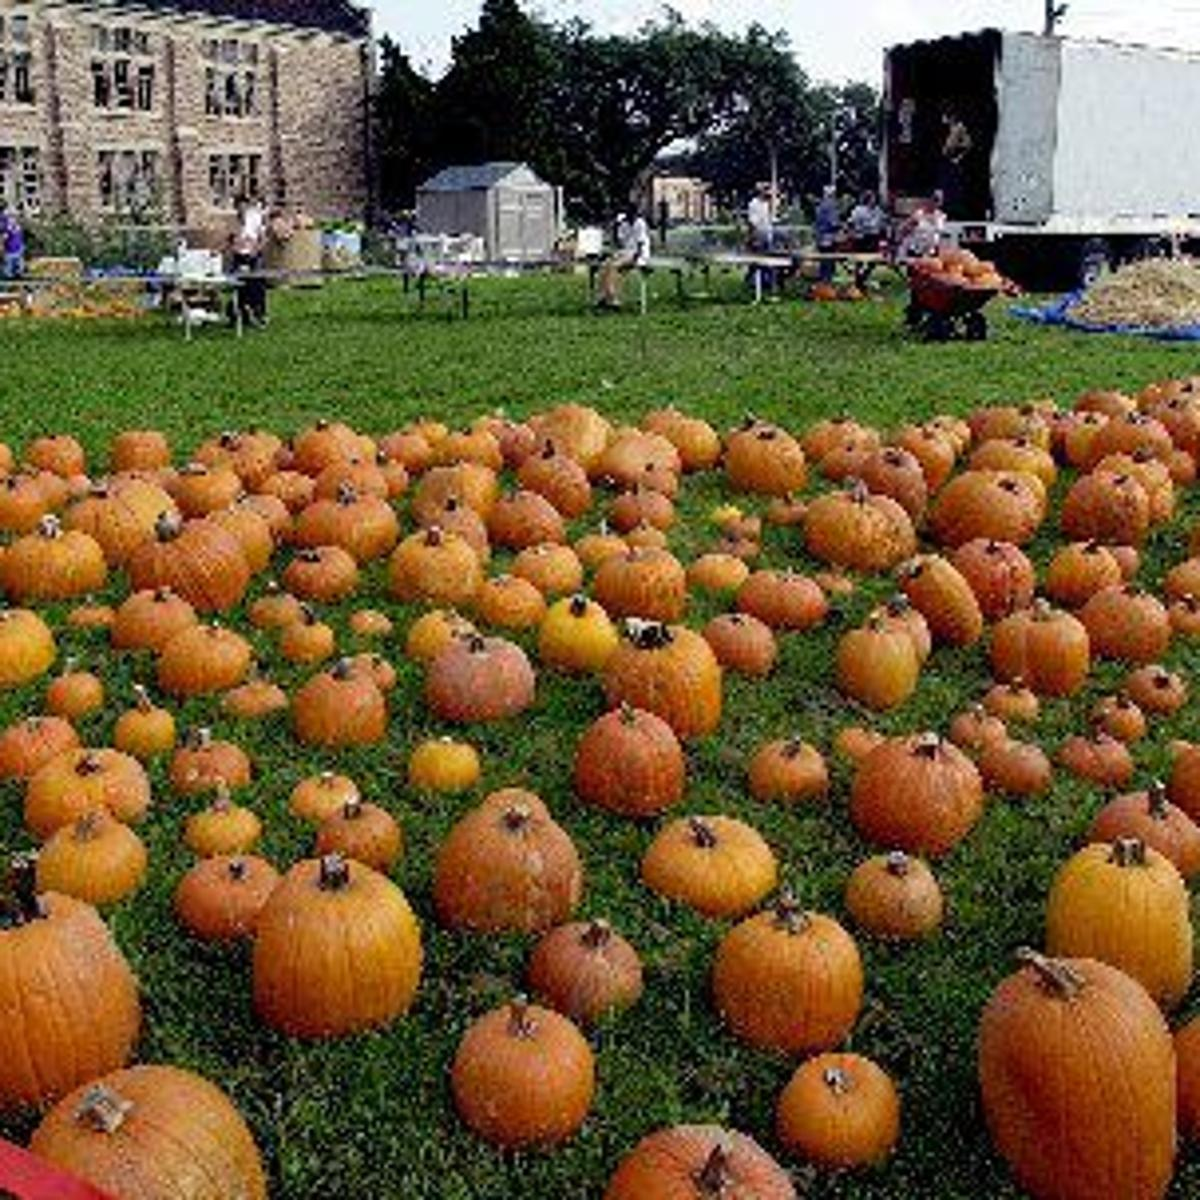 Claiborne Avenue; pumpkin pancakes